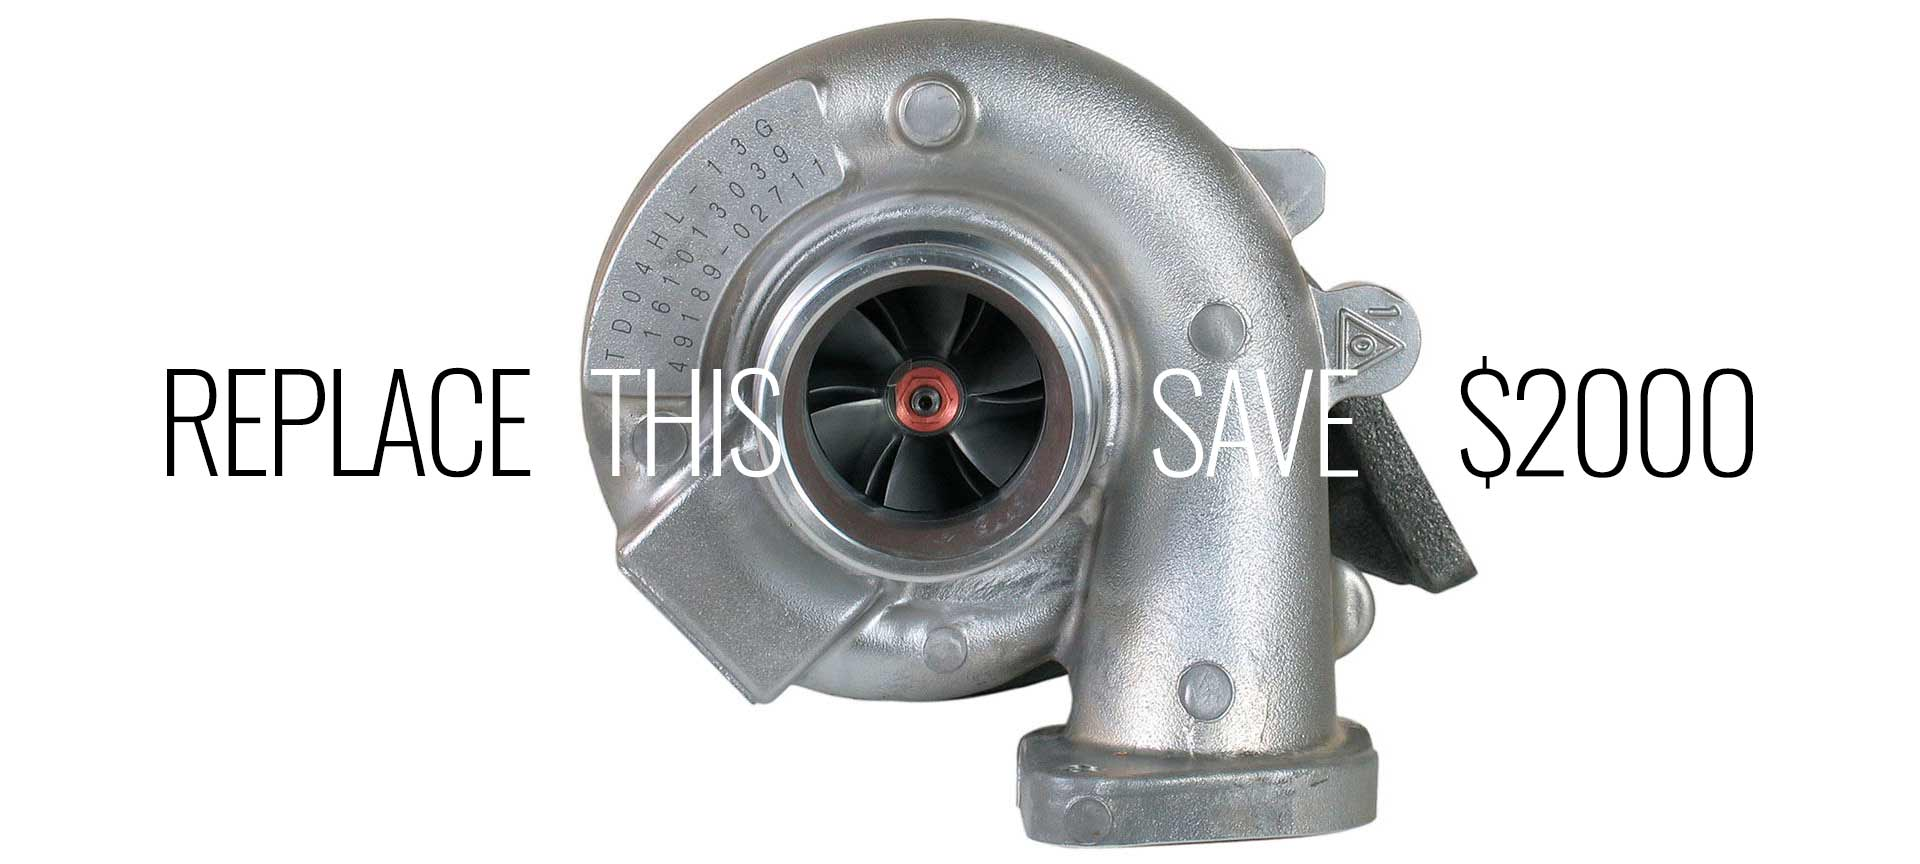 Replace Turbo Diy -